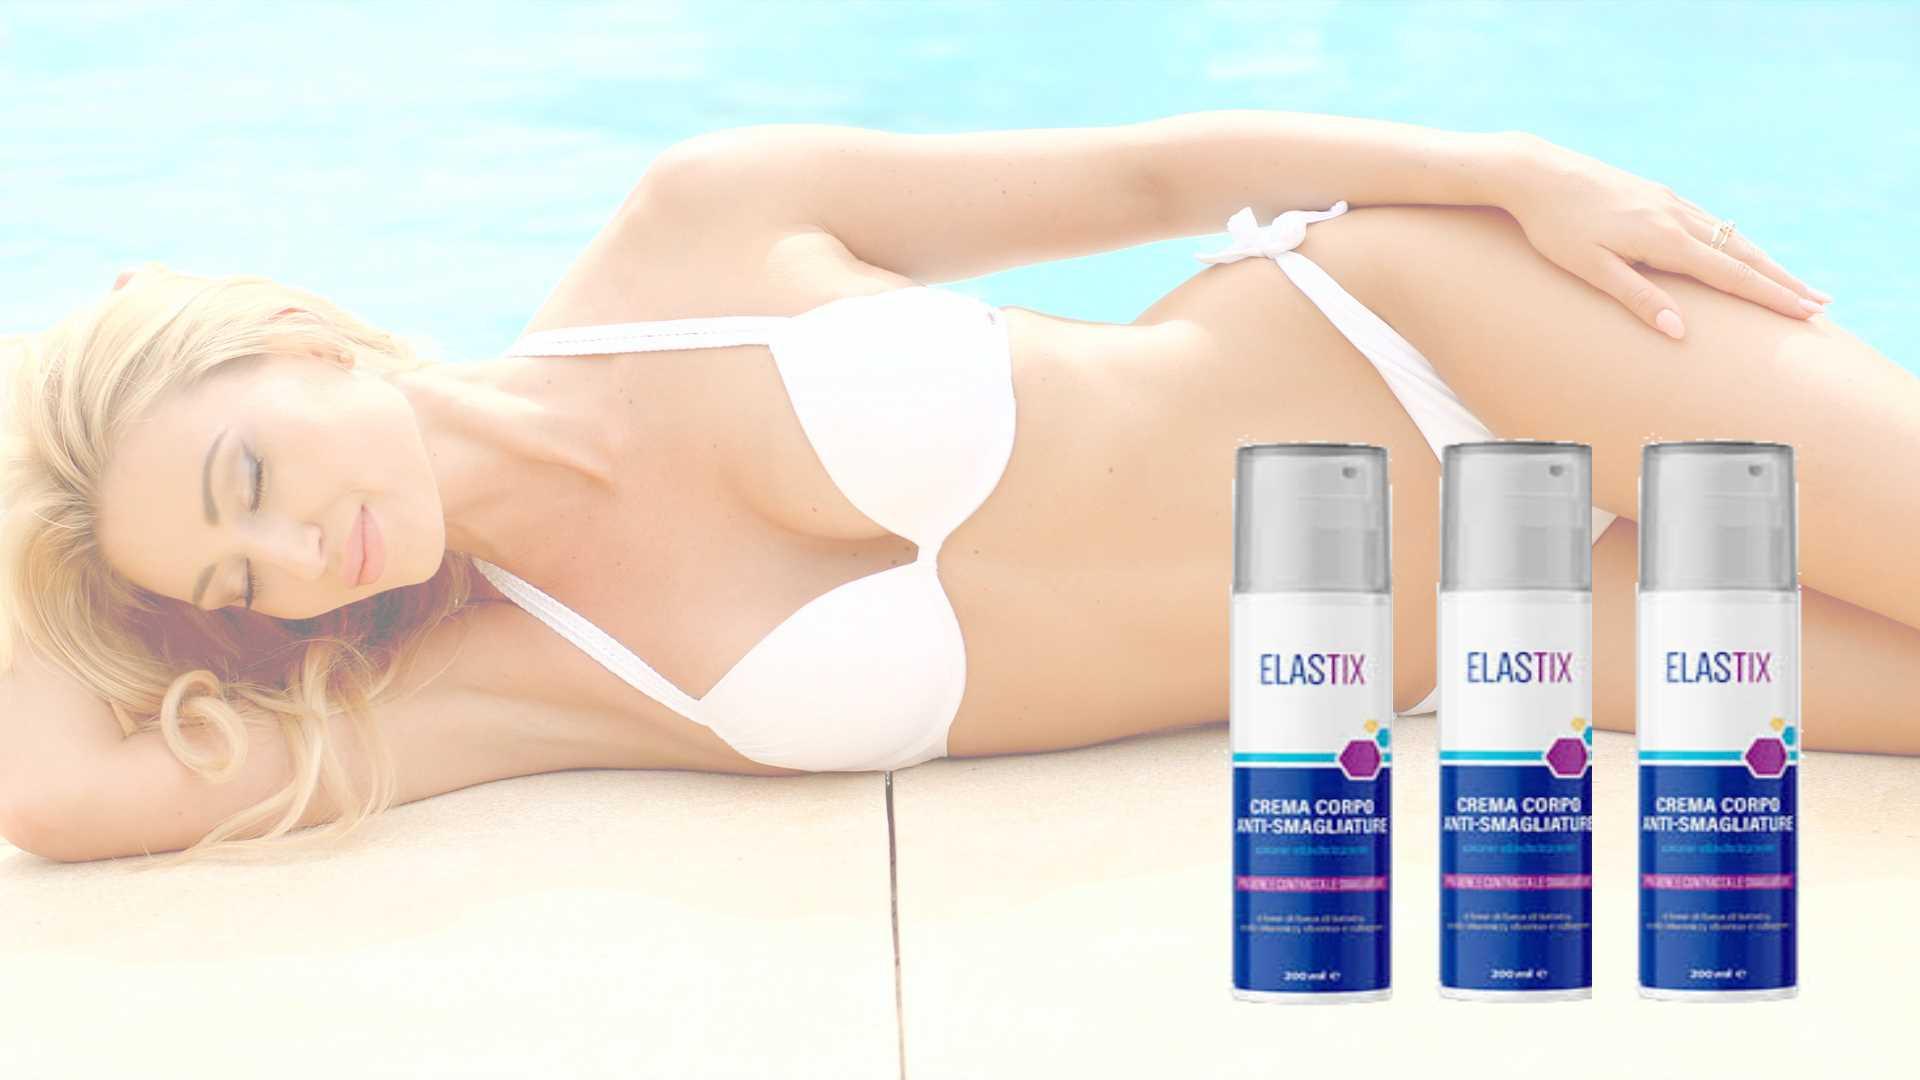 Smagliature addio con Elastix crema corpo